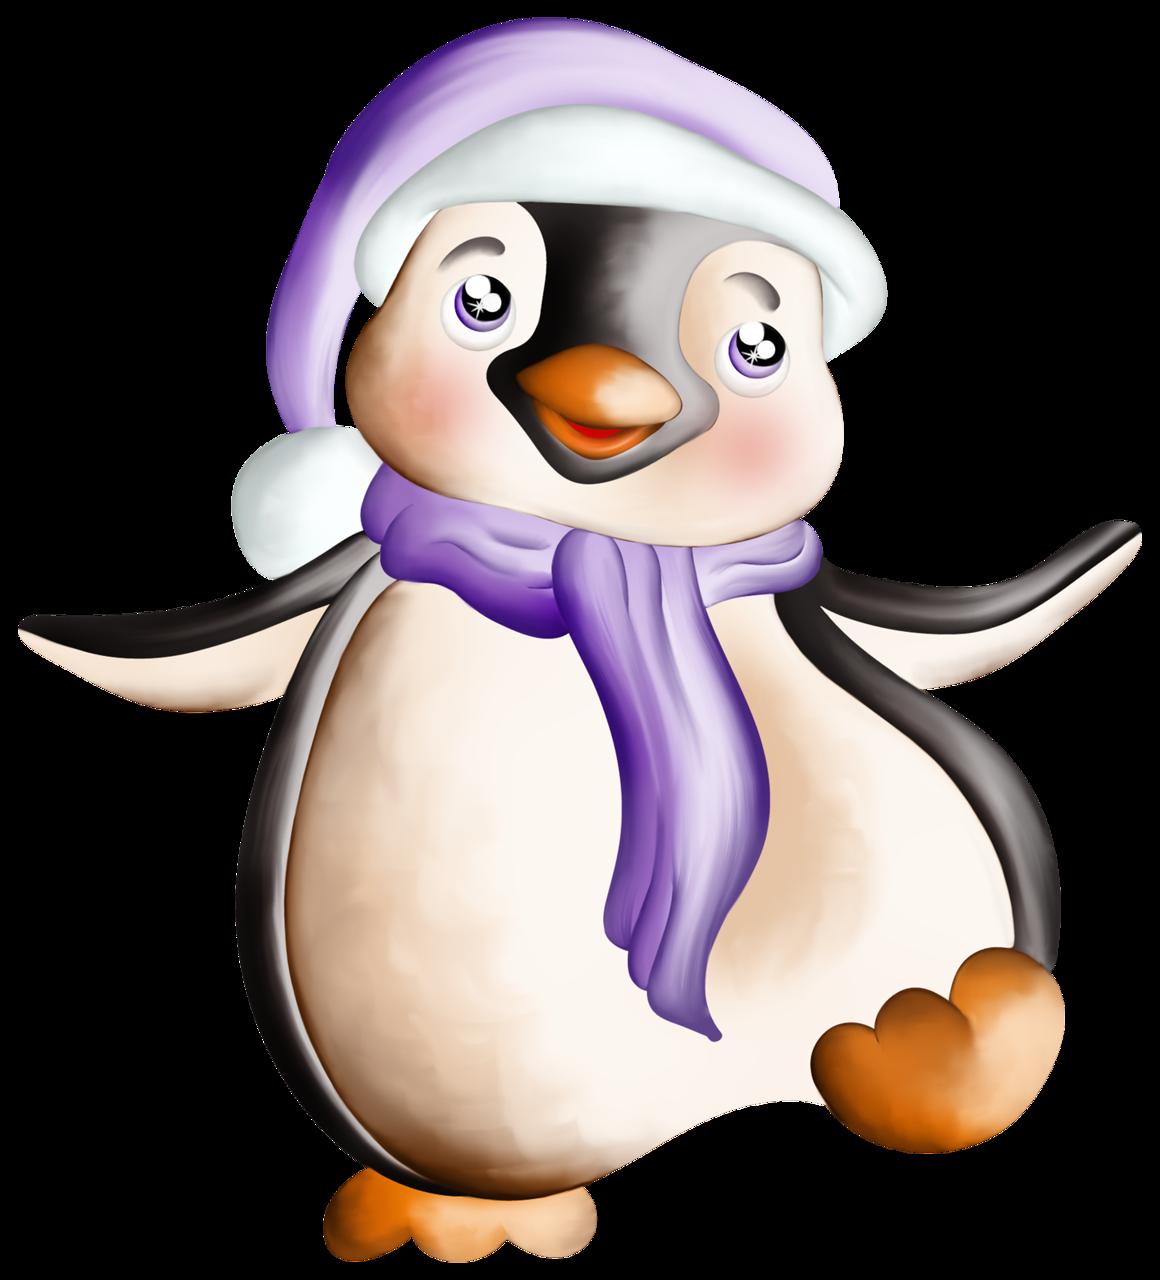 Веселые пингвины картинки для детей